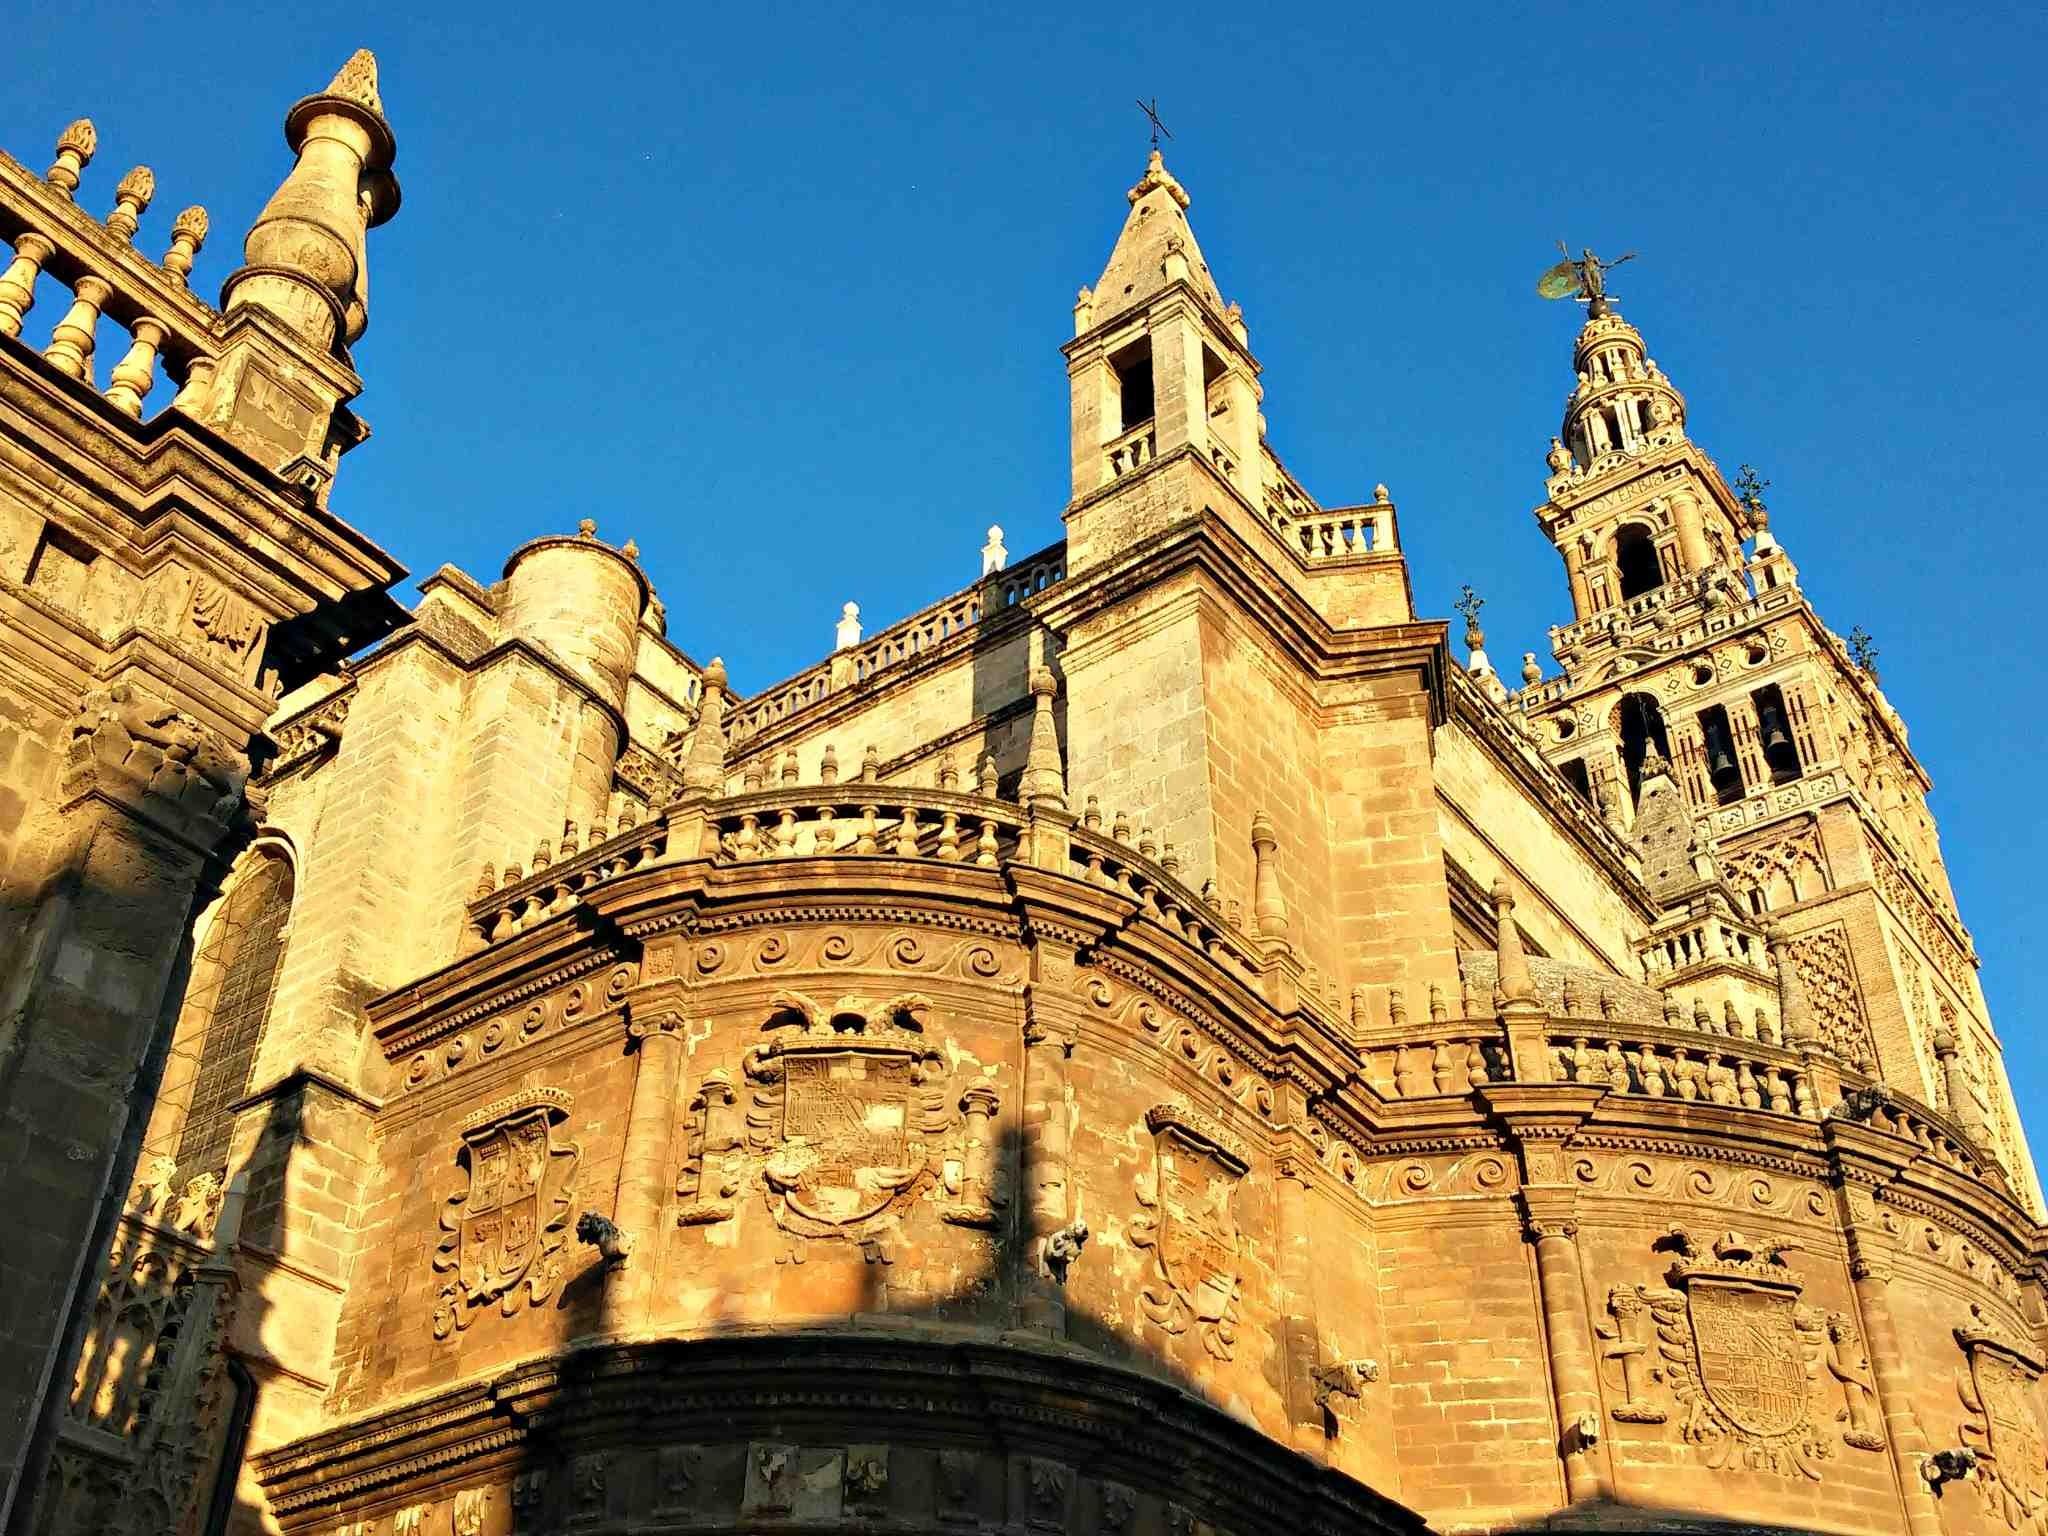 Amanecer de noviembre en la Catedral. Sevilla, 2015. Foto de móvil ©Flivillegas